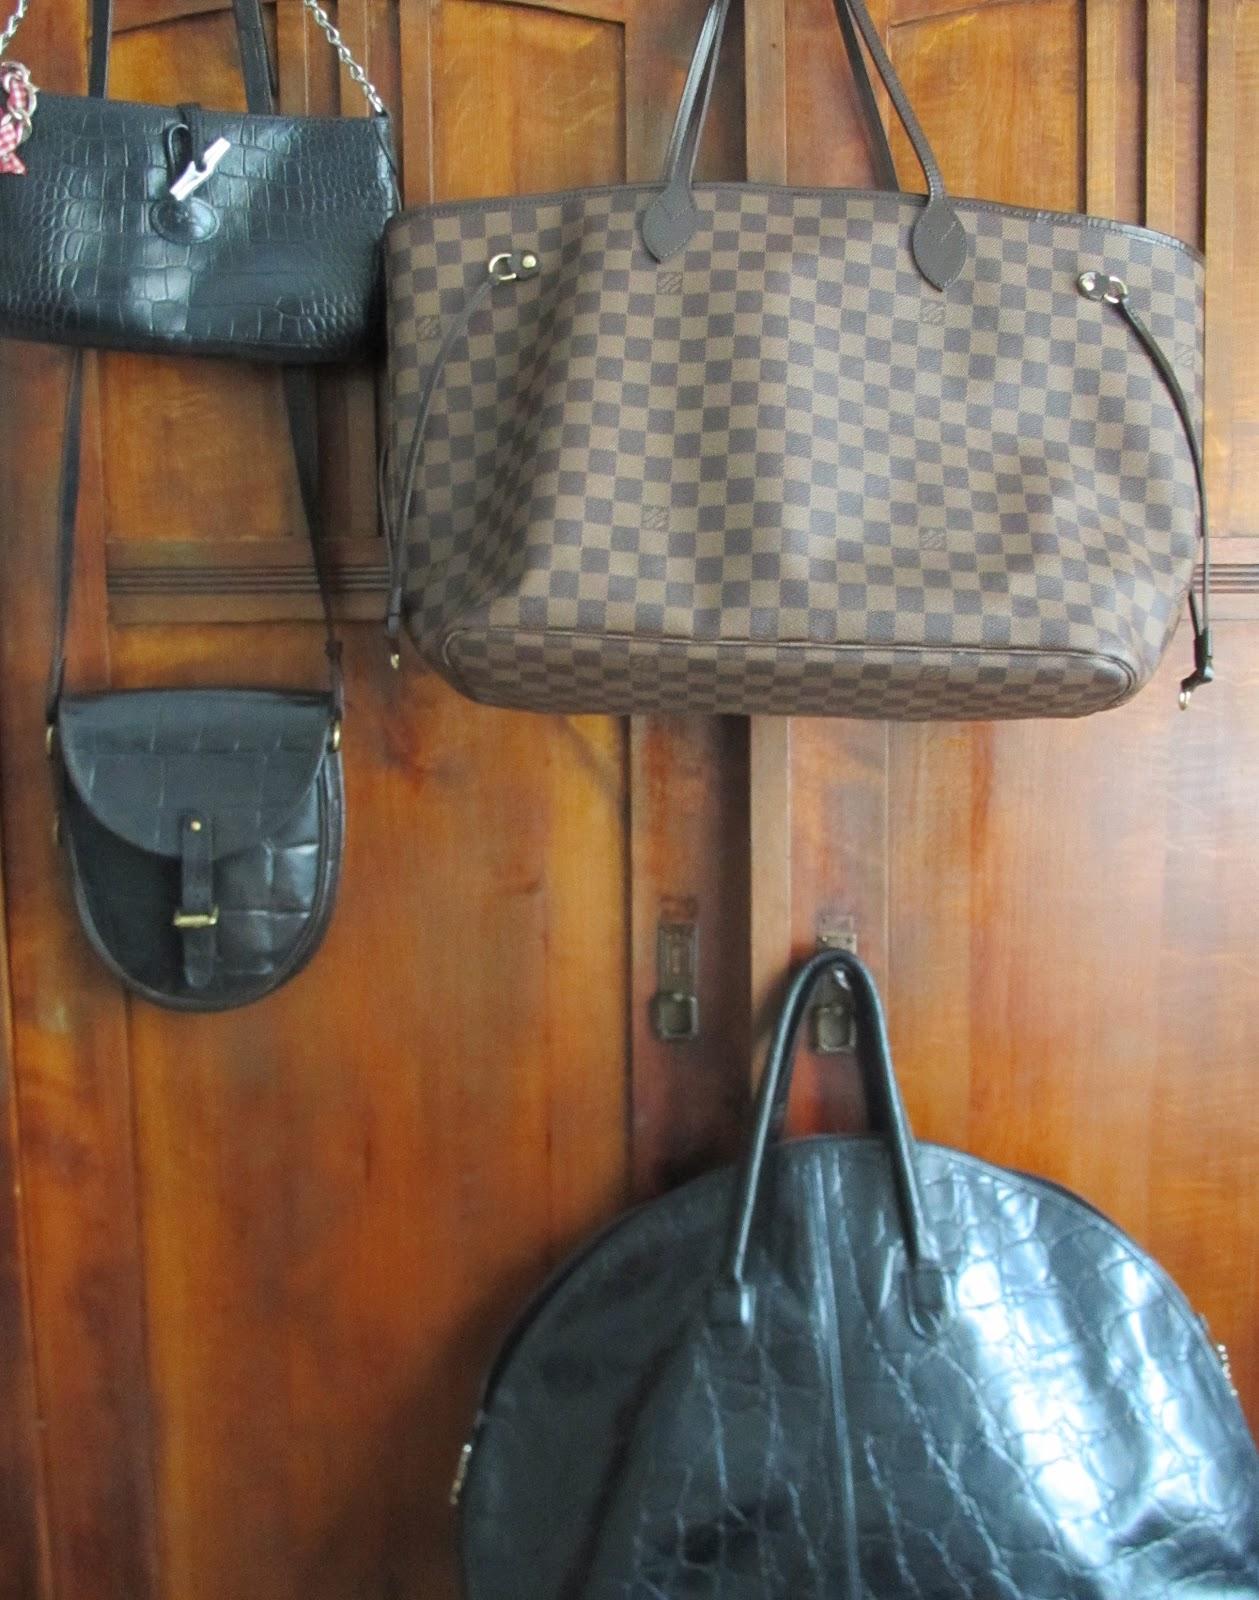 Louis Vuitton Käsilaukku Netistä : Communicare aidot designk?silaukut burberry gucci hugo